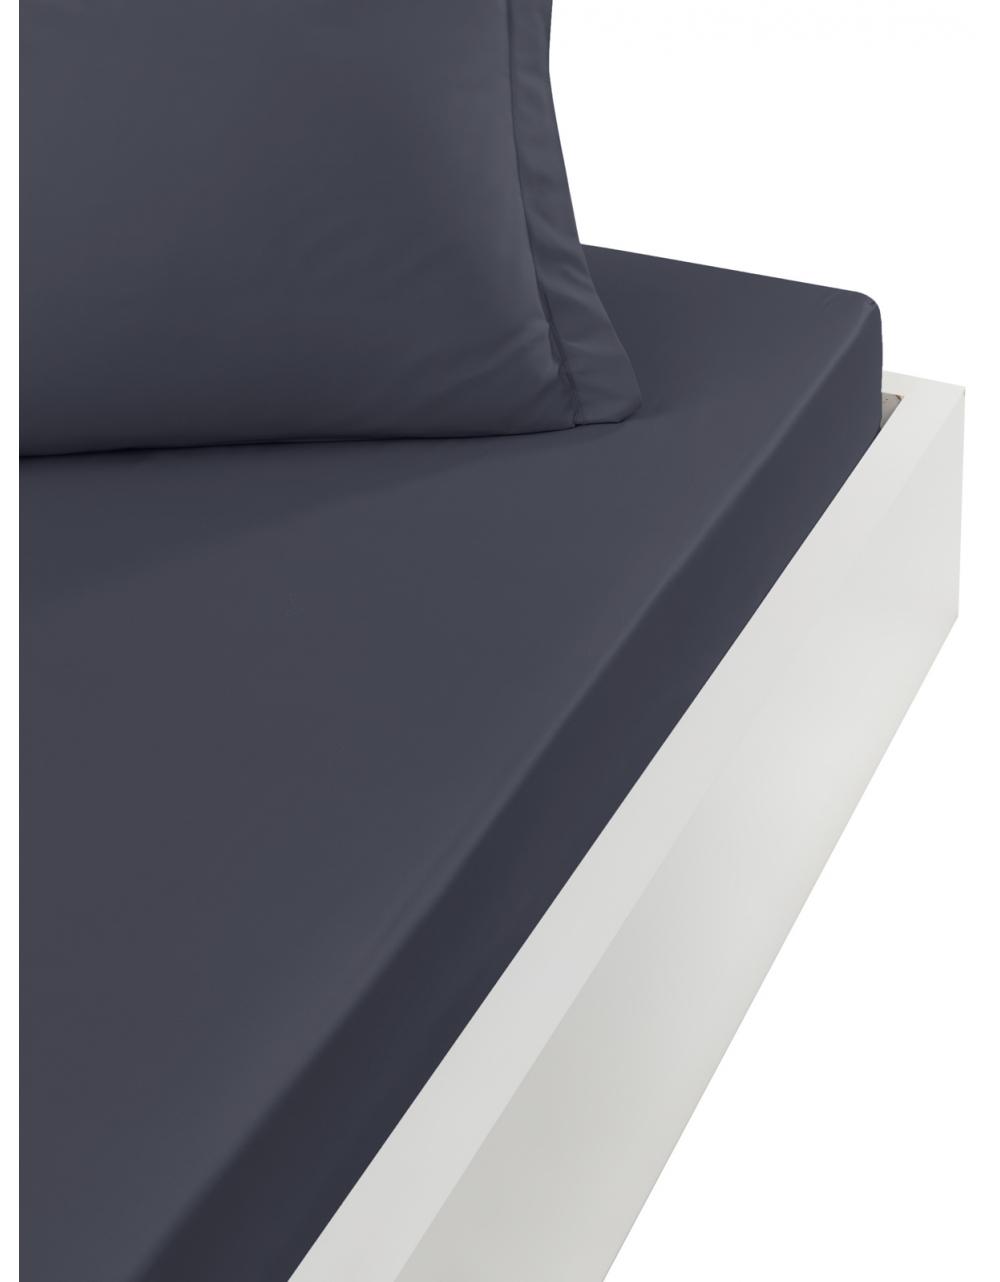 CASUAL - Drap housse en coton lavé  Carbone 90x190 cm